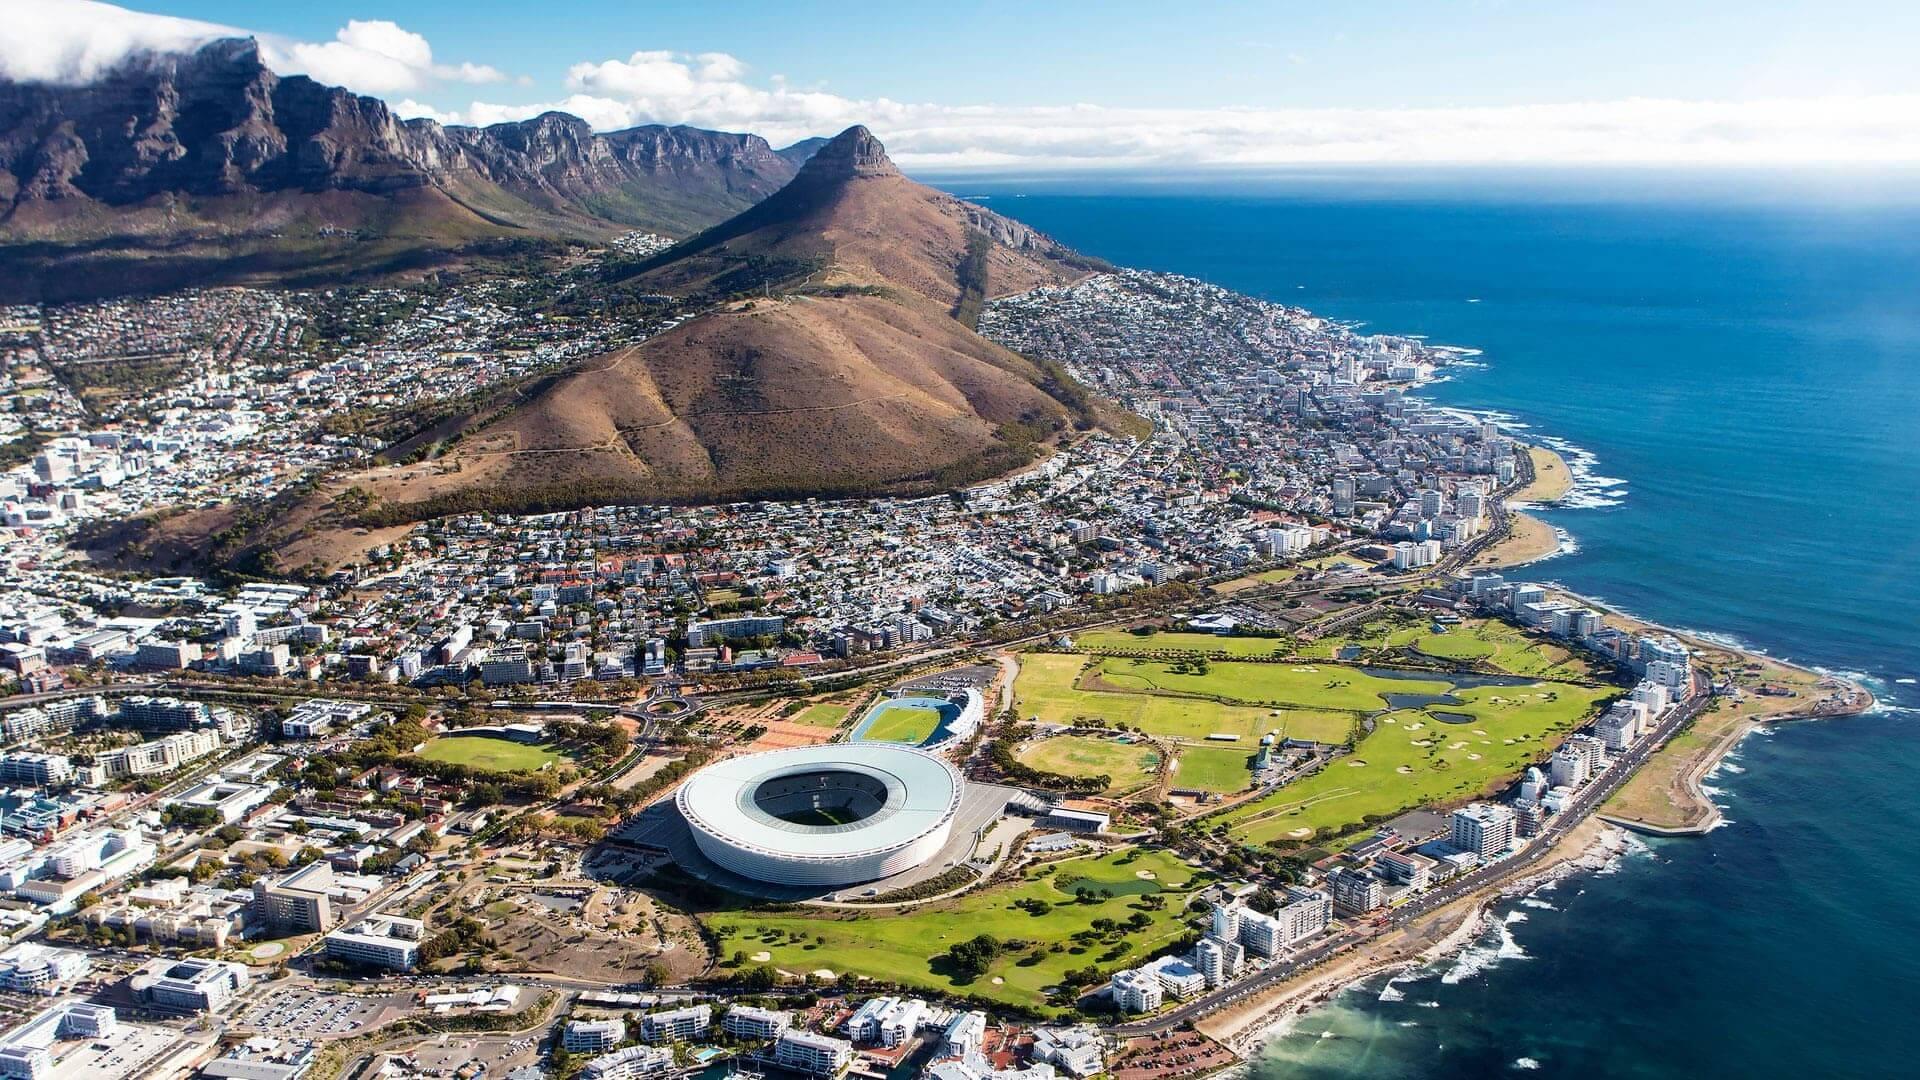 sudafrica viajes eau vivirendubai